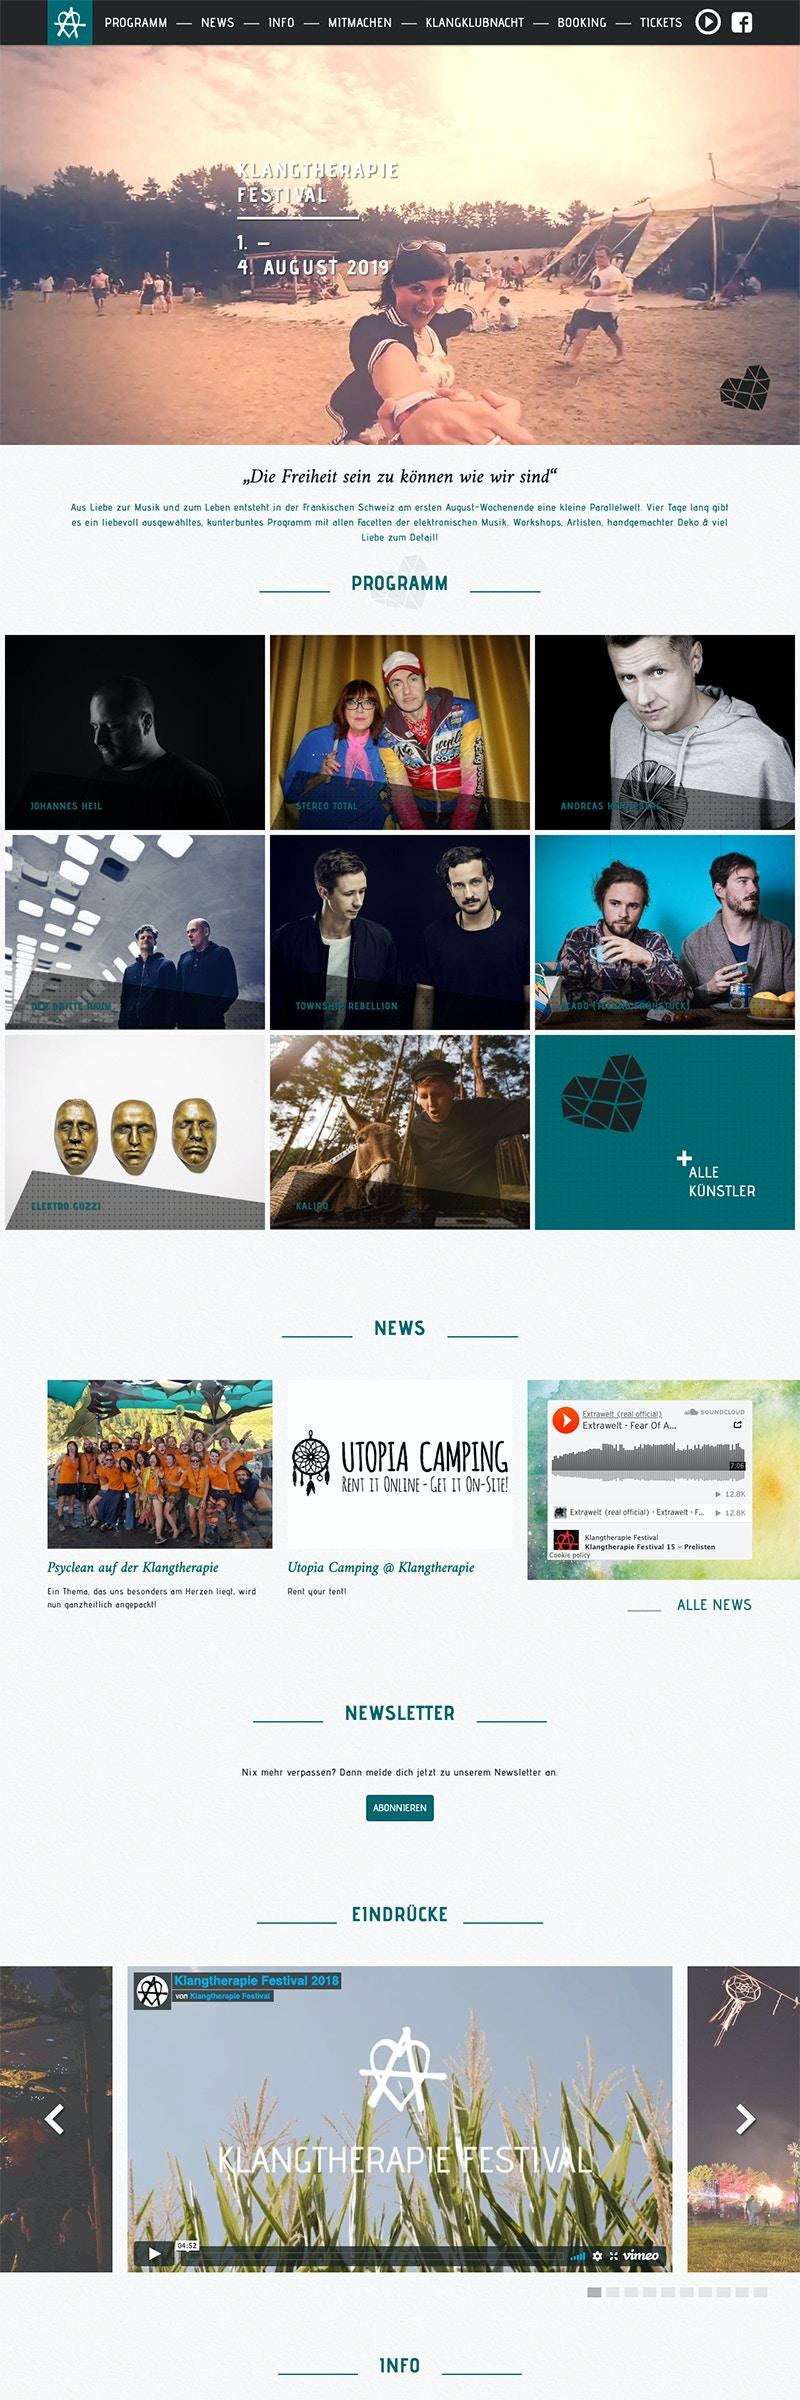 Webseite für größtes Festival in der Fränkischen Schweiz